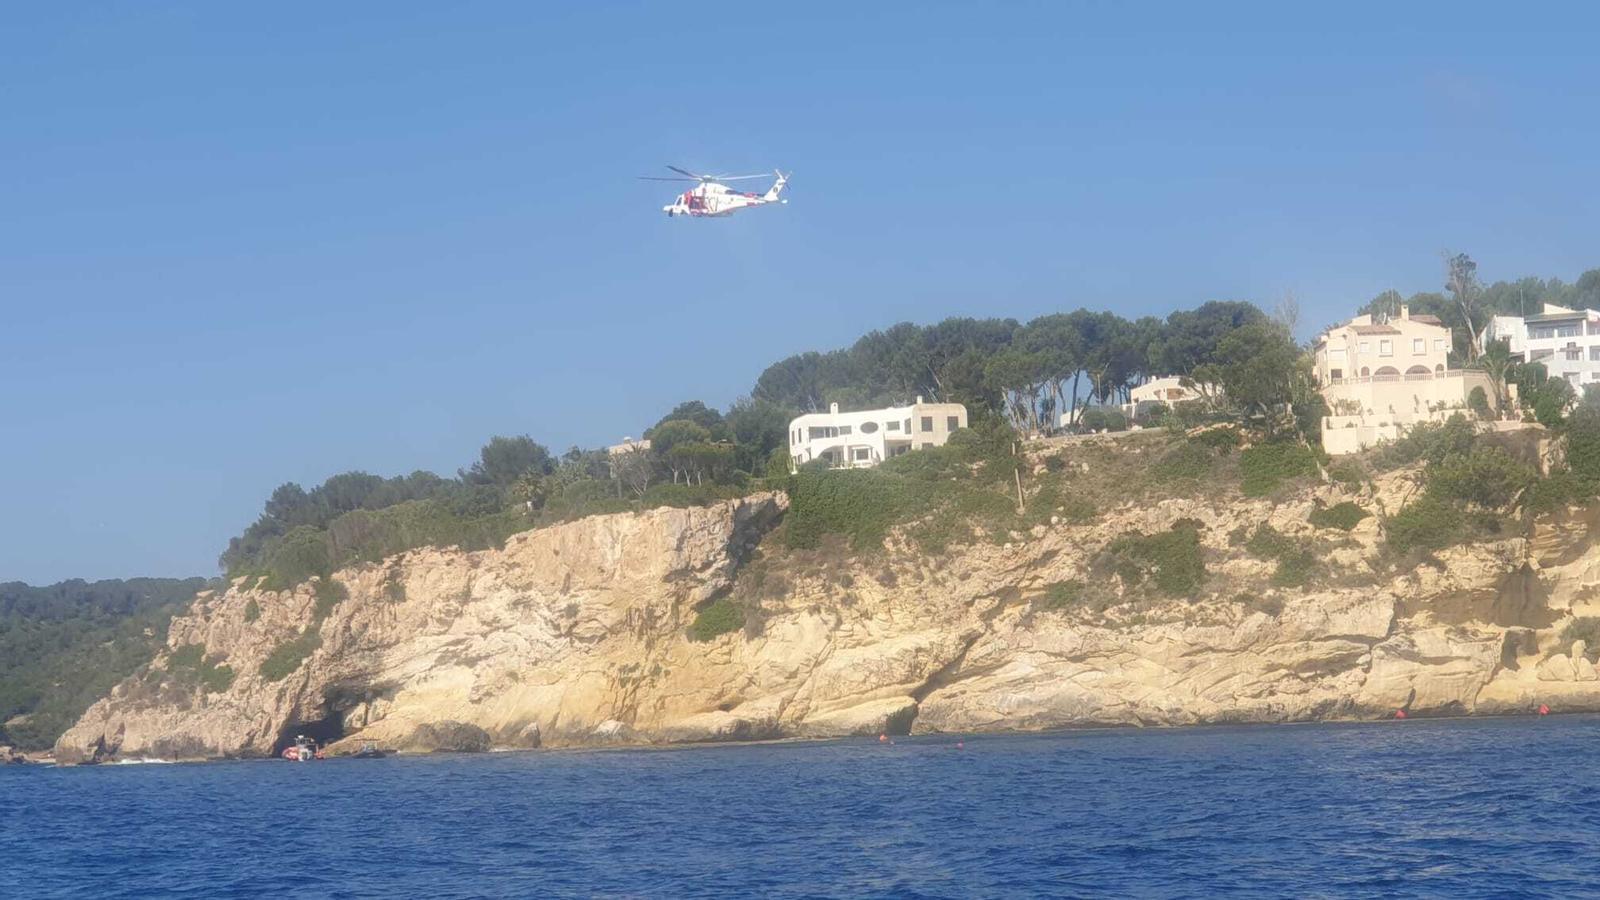 Imatge d'un dels helicòpters durant la recerca de l'home.